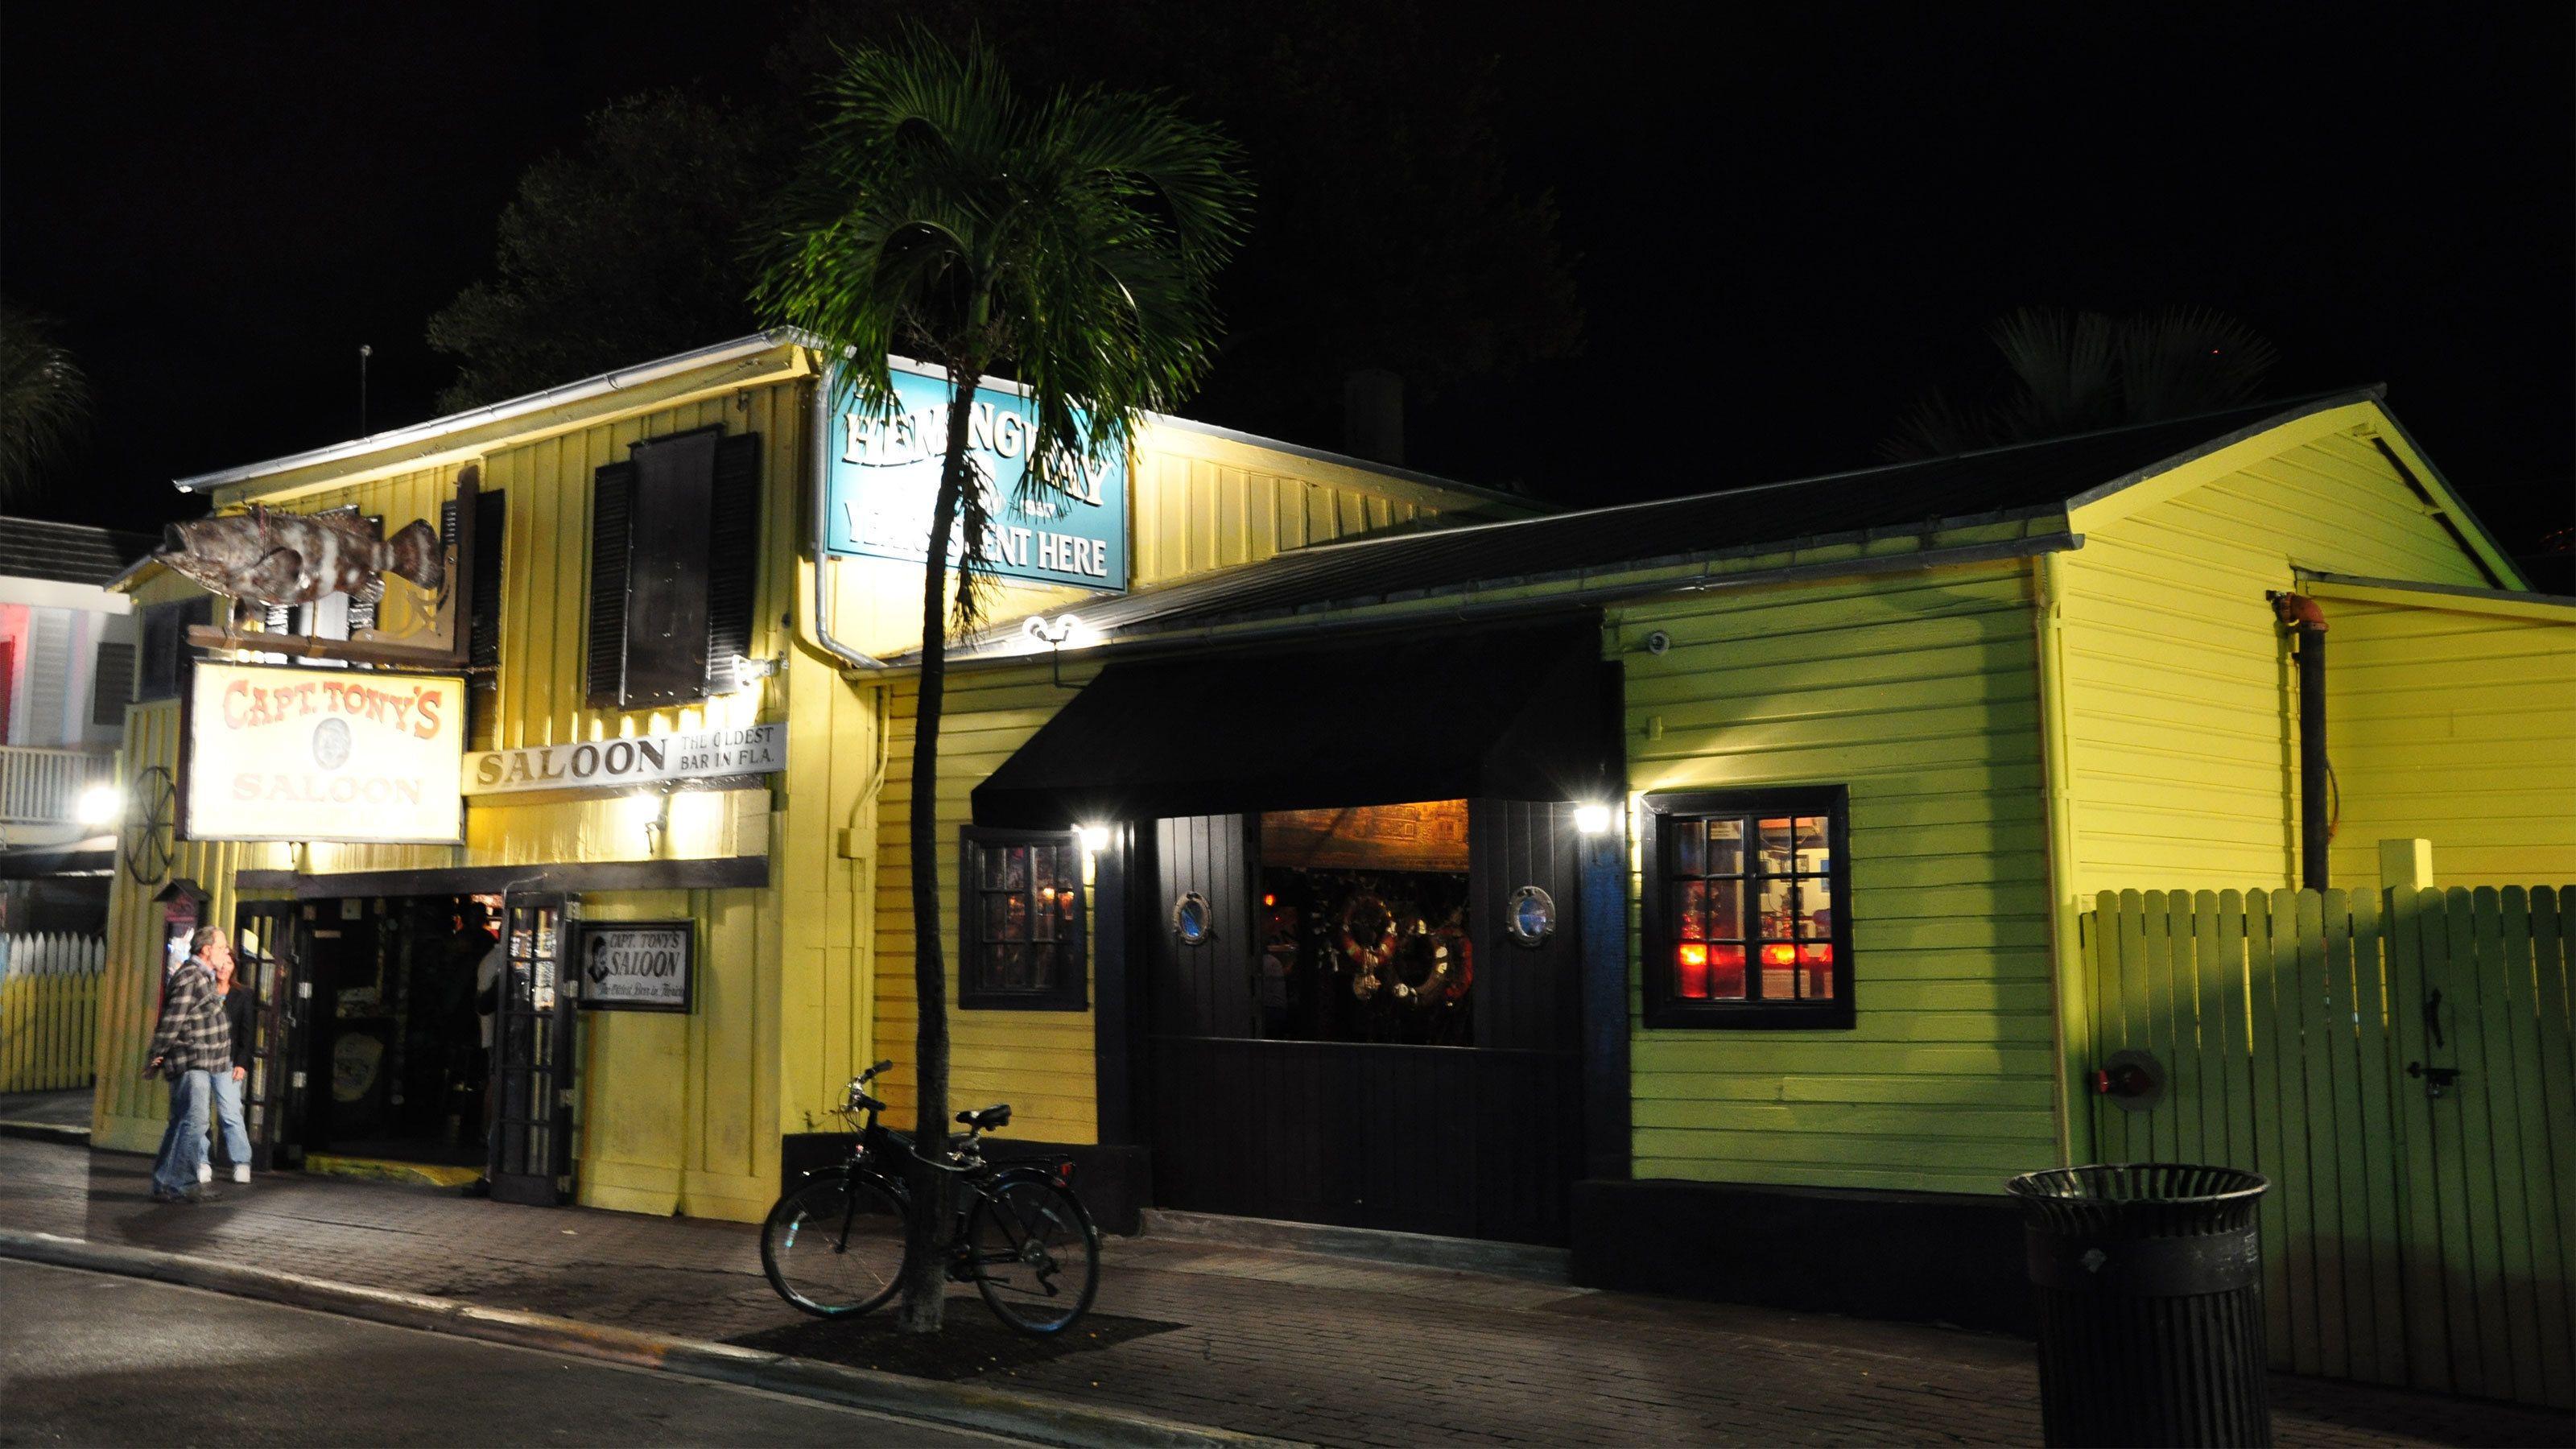 Captain Tony's Saloon in Key West